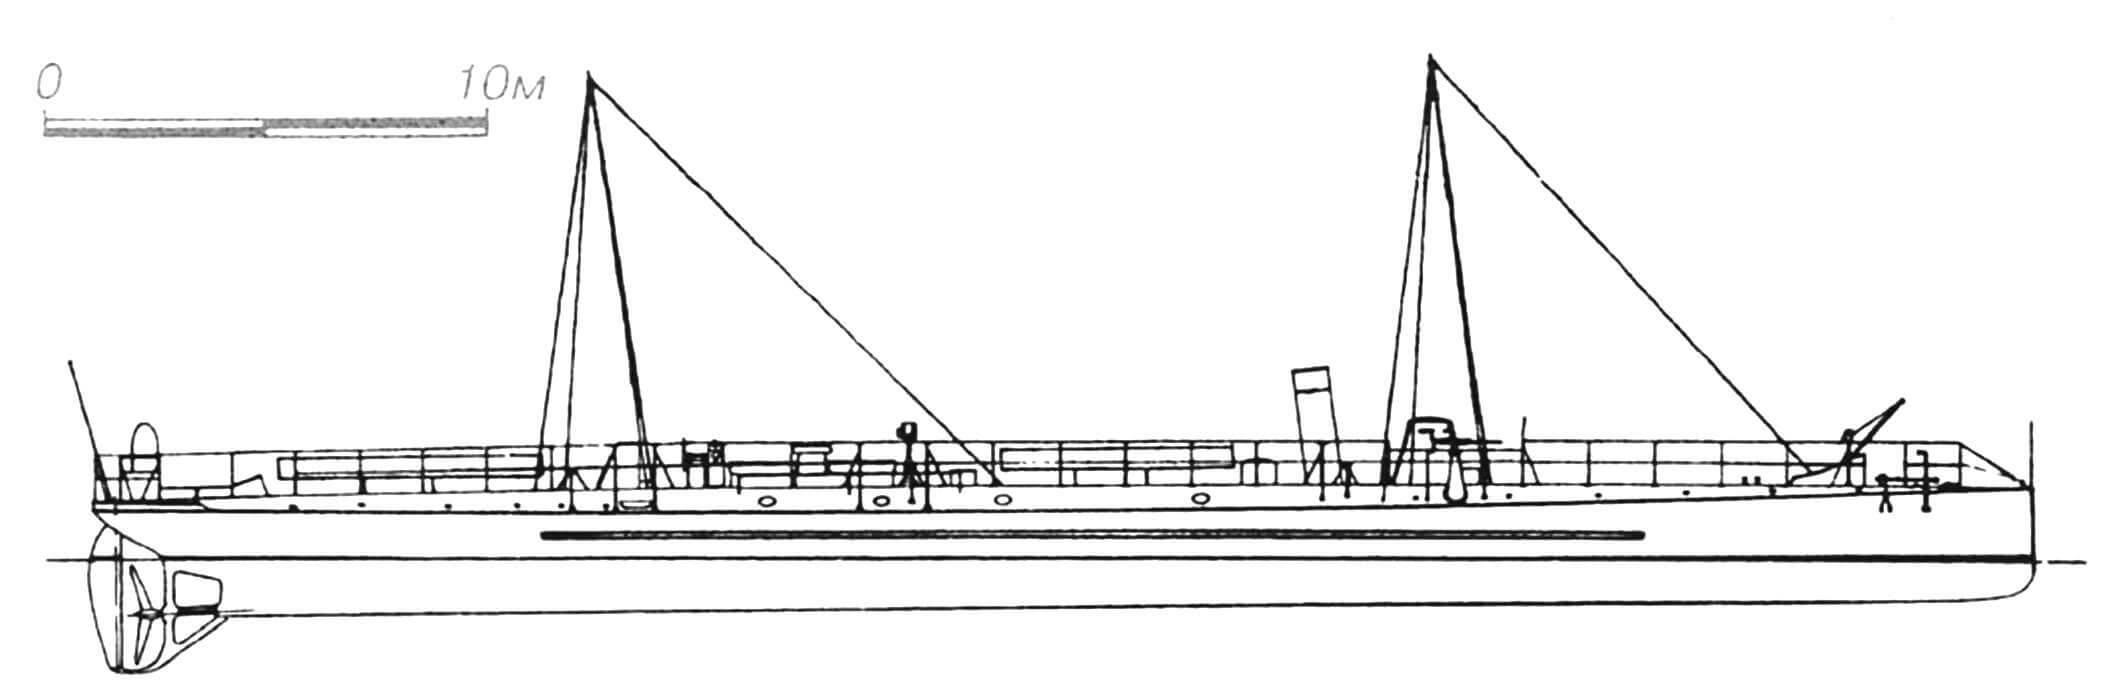 64. Миноносец «Ажиль», Франция, 1890 г. Строился фирмой «Ла Сен». Водоизмещение нормальное 103 т, полное 120 т. Длина наибольшая 44,15 м, ширина 4,55 м, осадка 1,8 м. Мощность одновальной паросиловой установки 1400 л.с., скорость на испытаниях 20,7 узла. Вооружение: три 350-мм торпедных аппарата, три 37-мм револьверные пушки. В 1889 — 1892 гг. построено семь единиц: «Ажиль», «Одосье», «Эклэр», «Кабил», «Ораж», «Сарацин» и «Турбийон» (последние два — на верфи «Сосьете де ла Жиронд» в Бордо). Первоначально имели одну трубу и две мачты, но после замены локомотивных котлов на водотрубные стали двухтрубными. «Одосье» погиб при столкновении в 1896 г., остальные исключены из списков в 1911 — 1912 гг., кроме «Ораж», служившего в качестве вспомогательного судна до 1921 г.